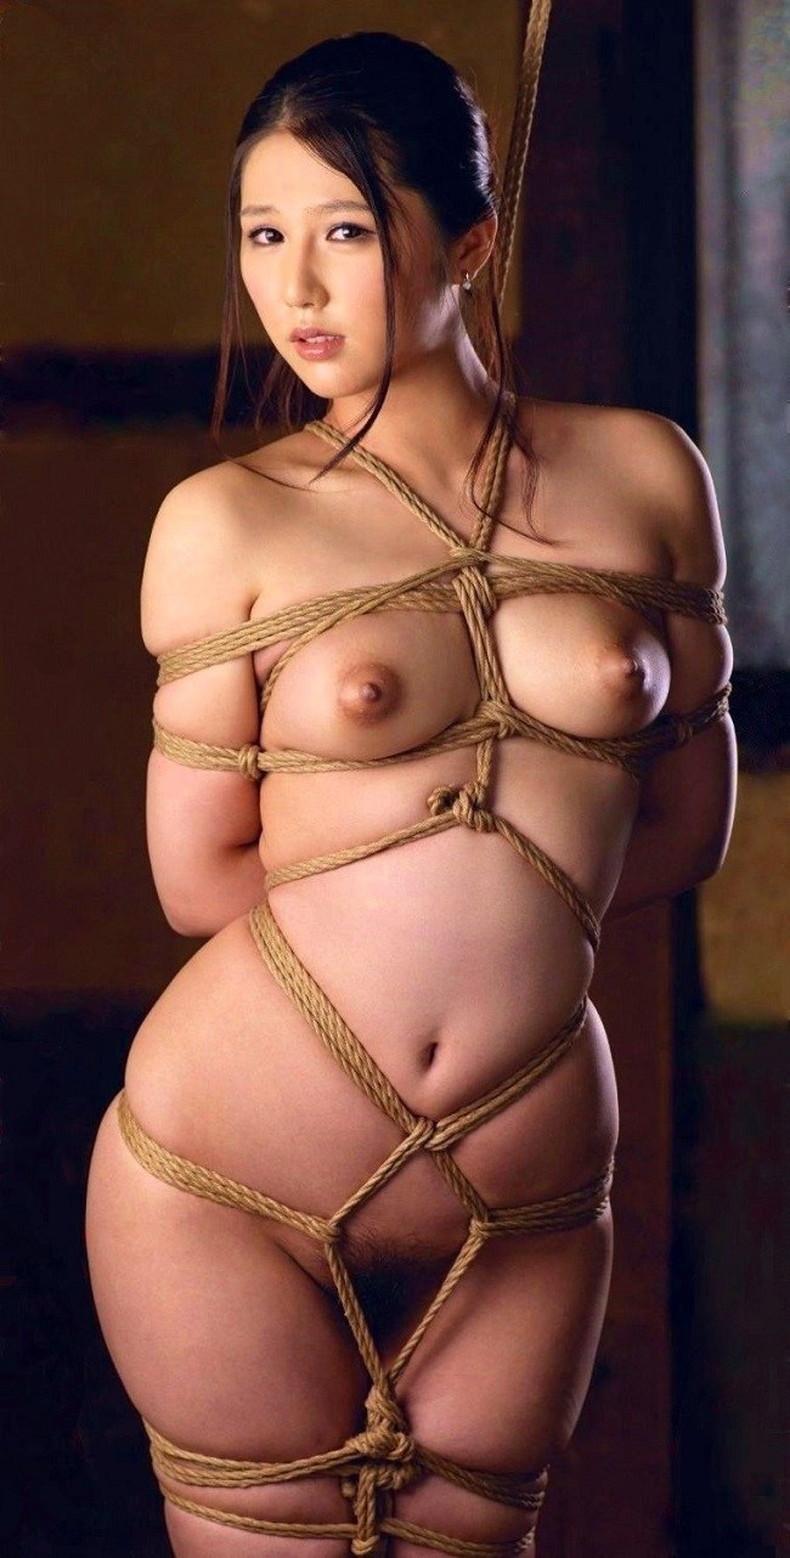 【おっぱい】縛られロープに食い込みハミ出る乳肉がエロ過ぎる!緊縛プレイされてるドマゾ美女の縛られるおっぱい画像集w【80枚】 30